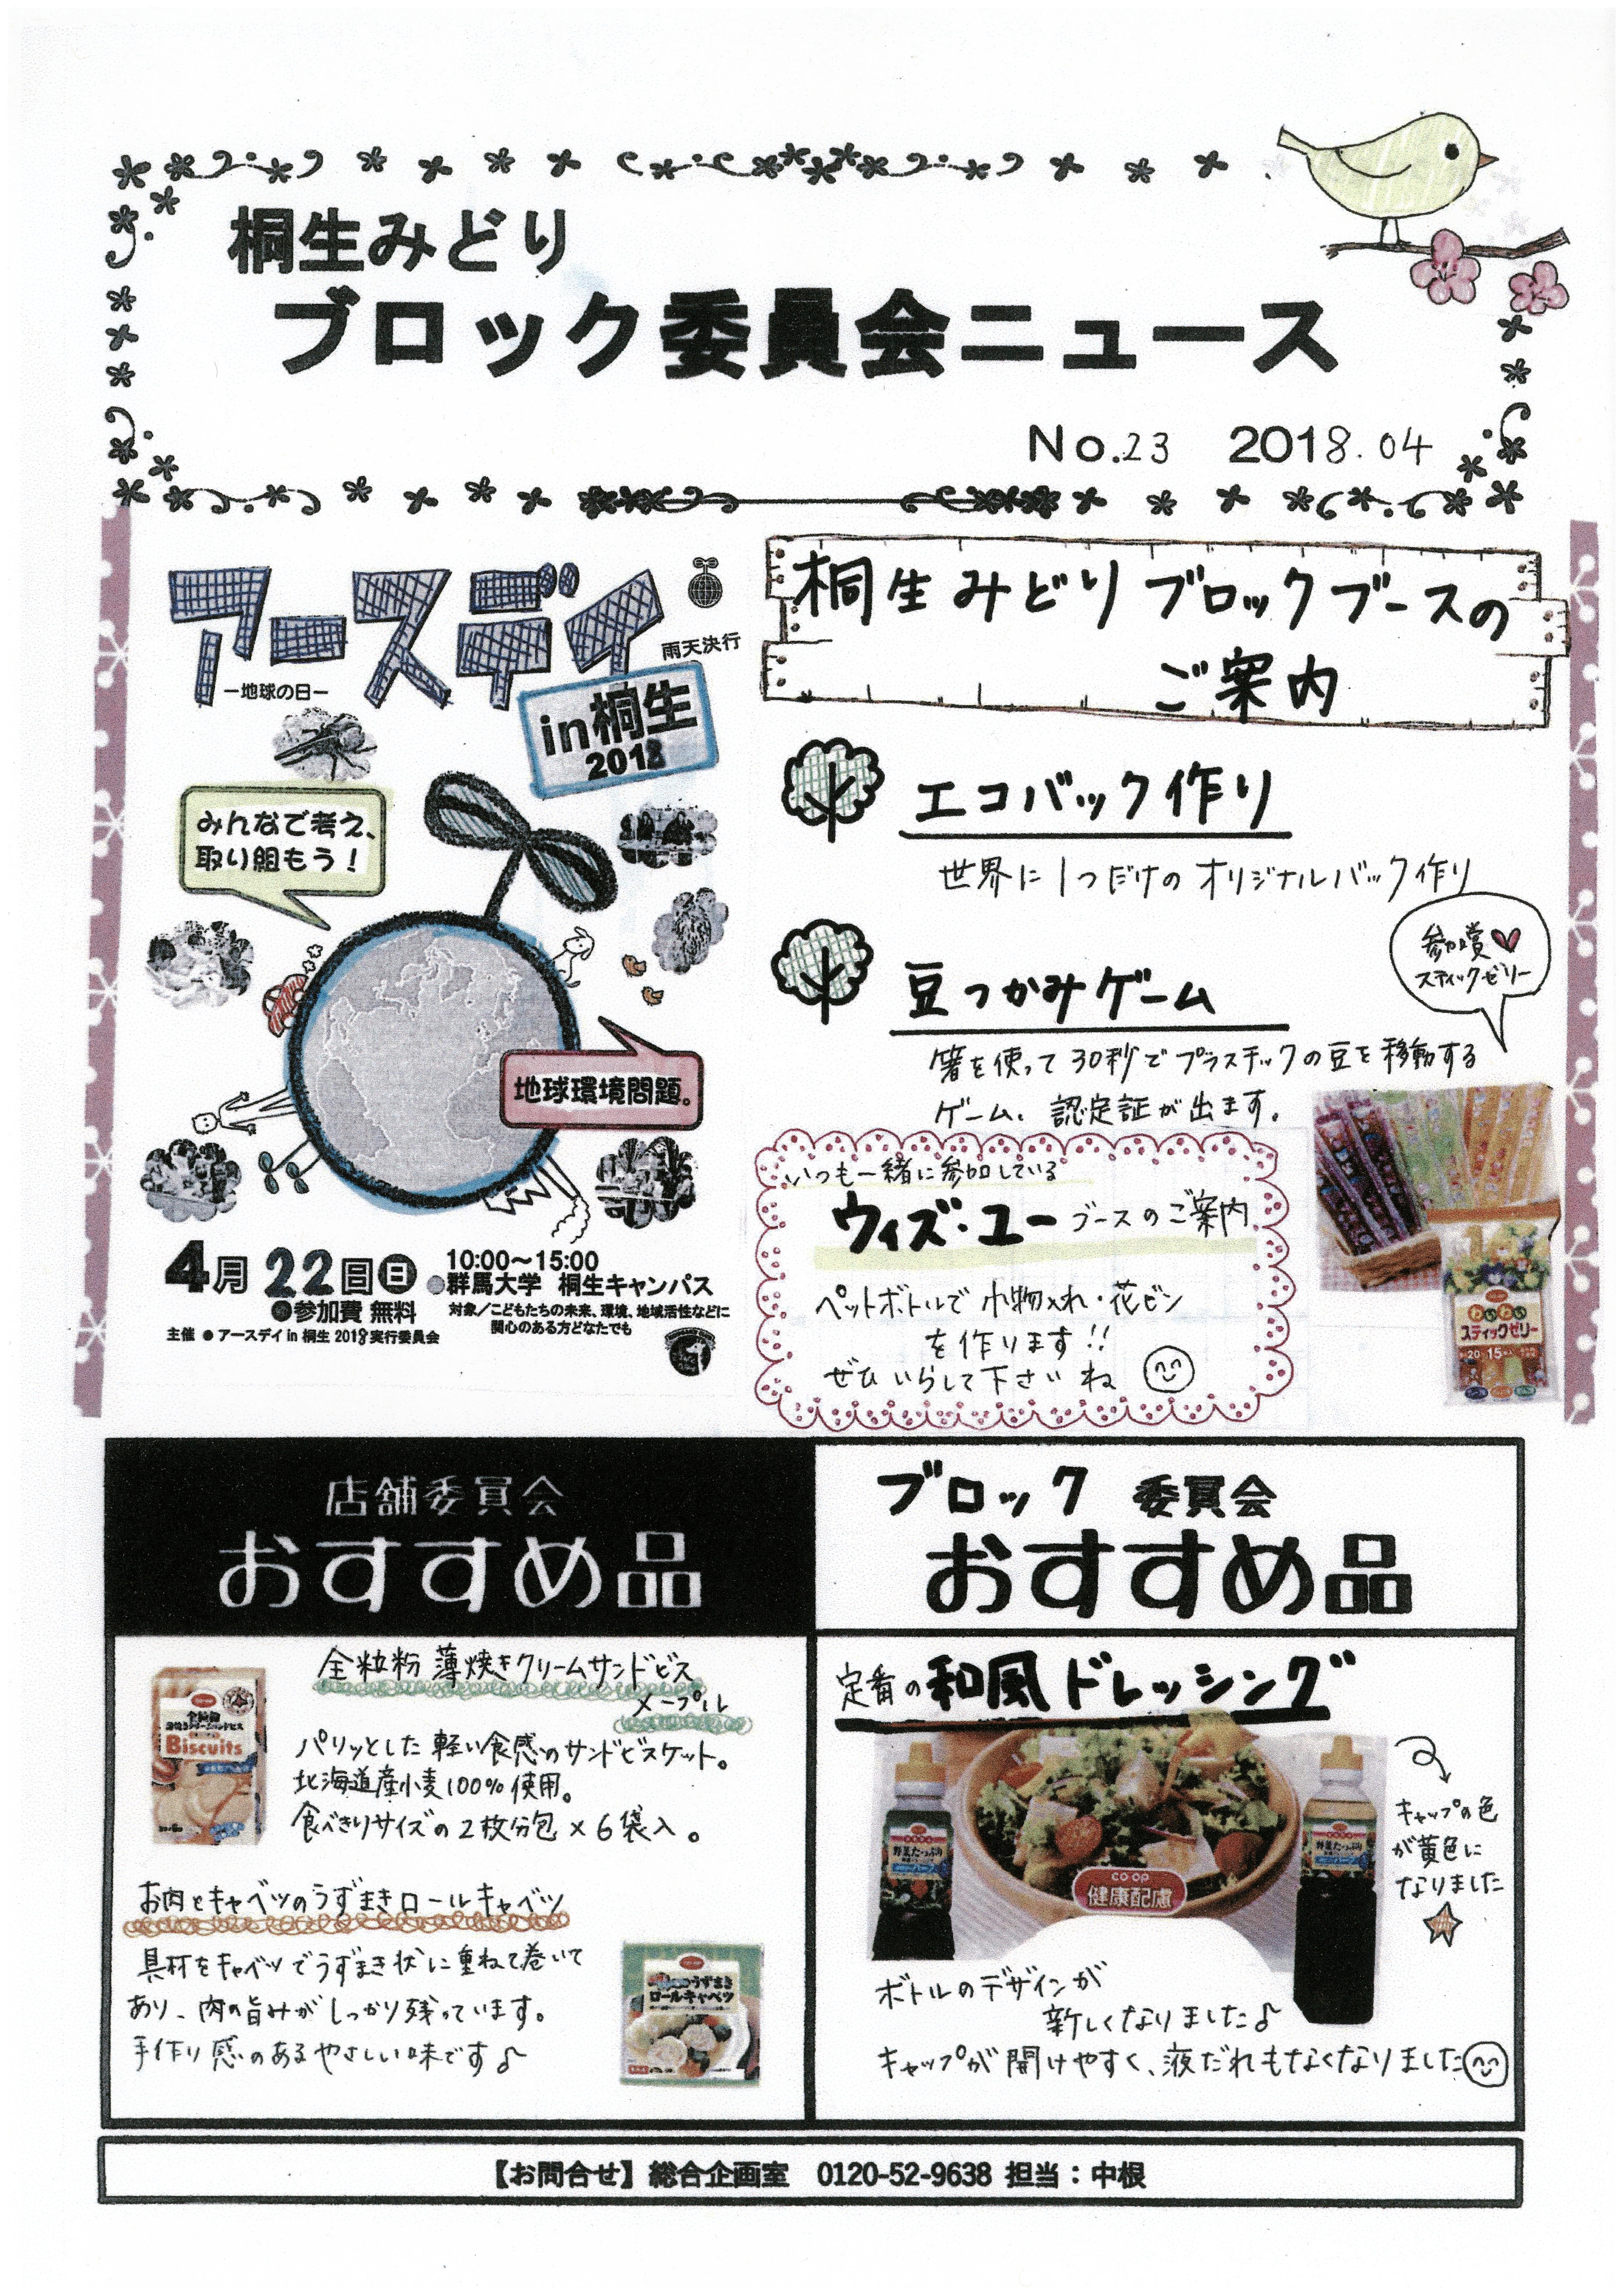 https://gunma.coopnet.or.jp/event/ev/ev_info/img/1804_b4_news_01.jpg